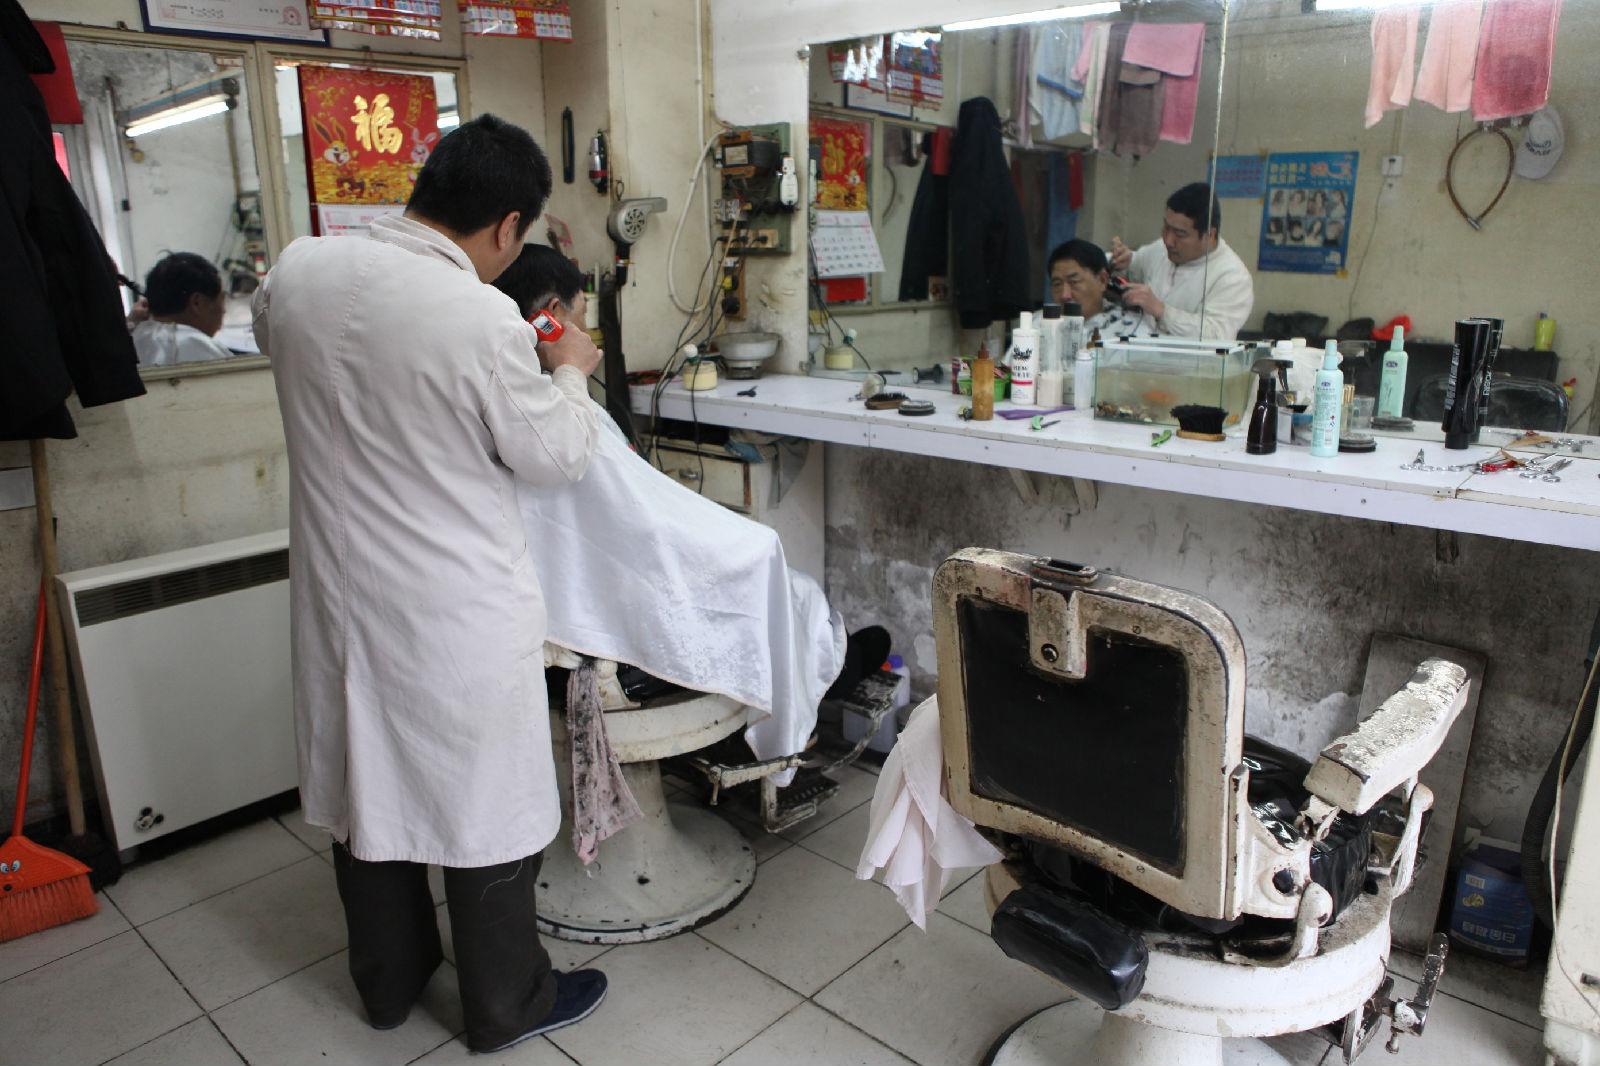 老式理发店烫发图片展示图片